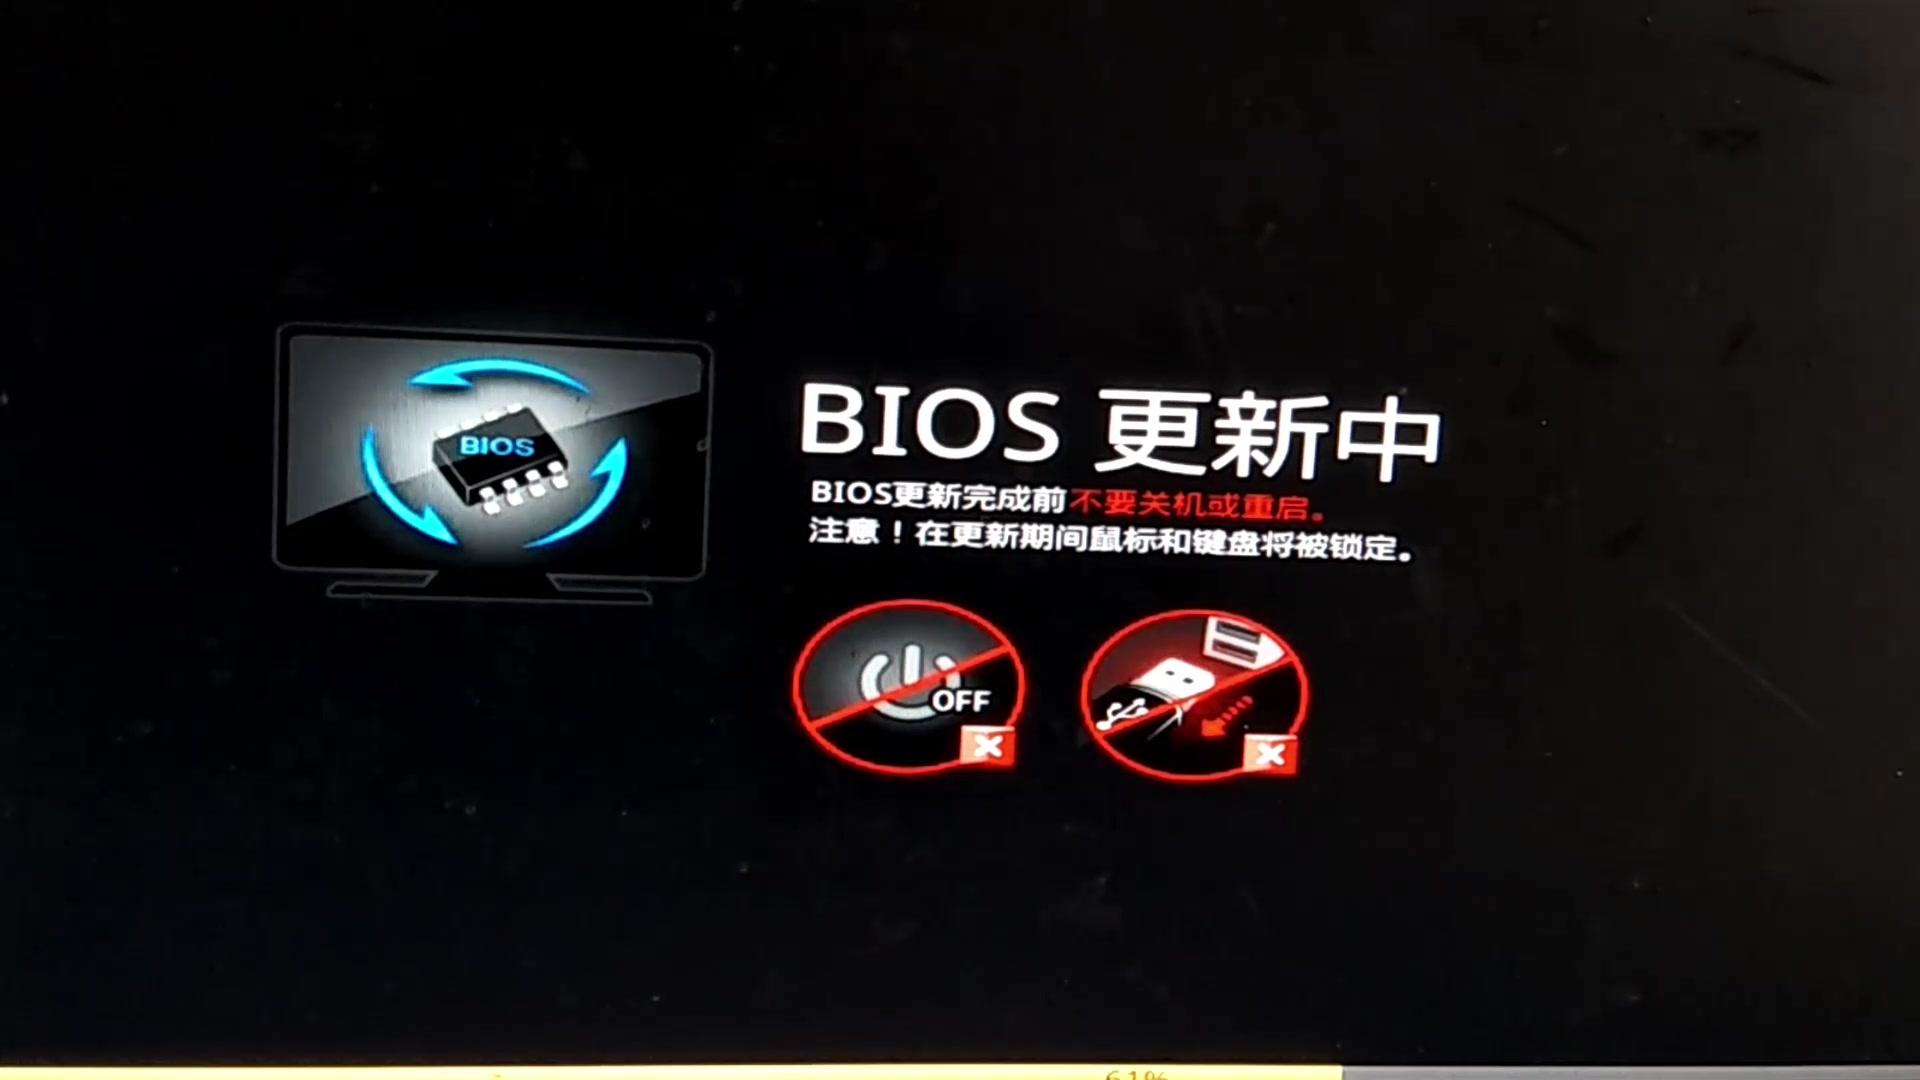 微星更新BIOS教程_嗶哩嗶哩 (゜-゜)つロ 干杯~-bilibili